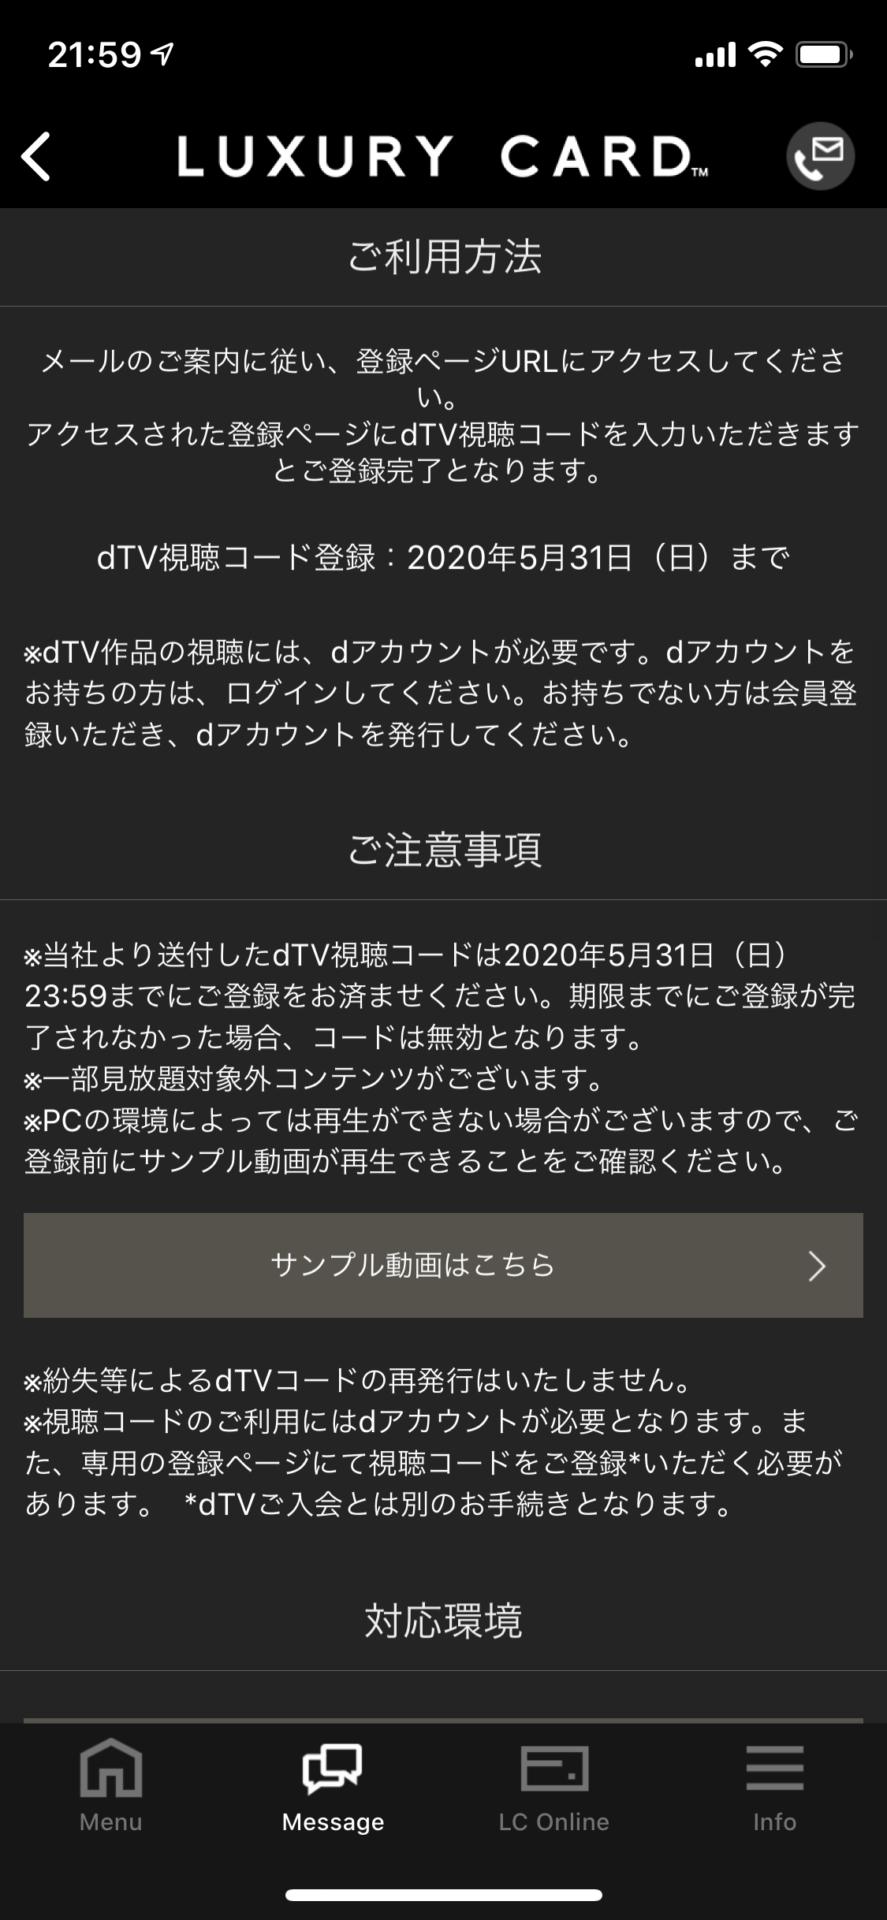 ラグジュアリーカードのdTV見放題優待 (1)